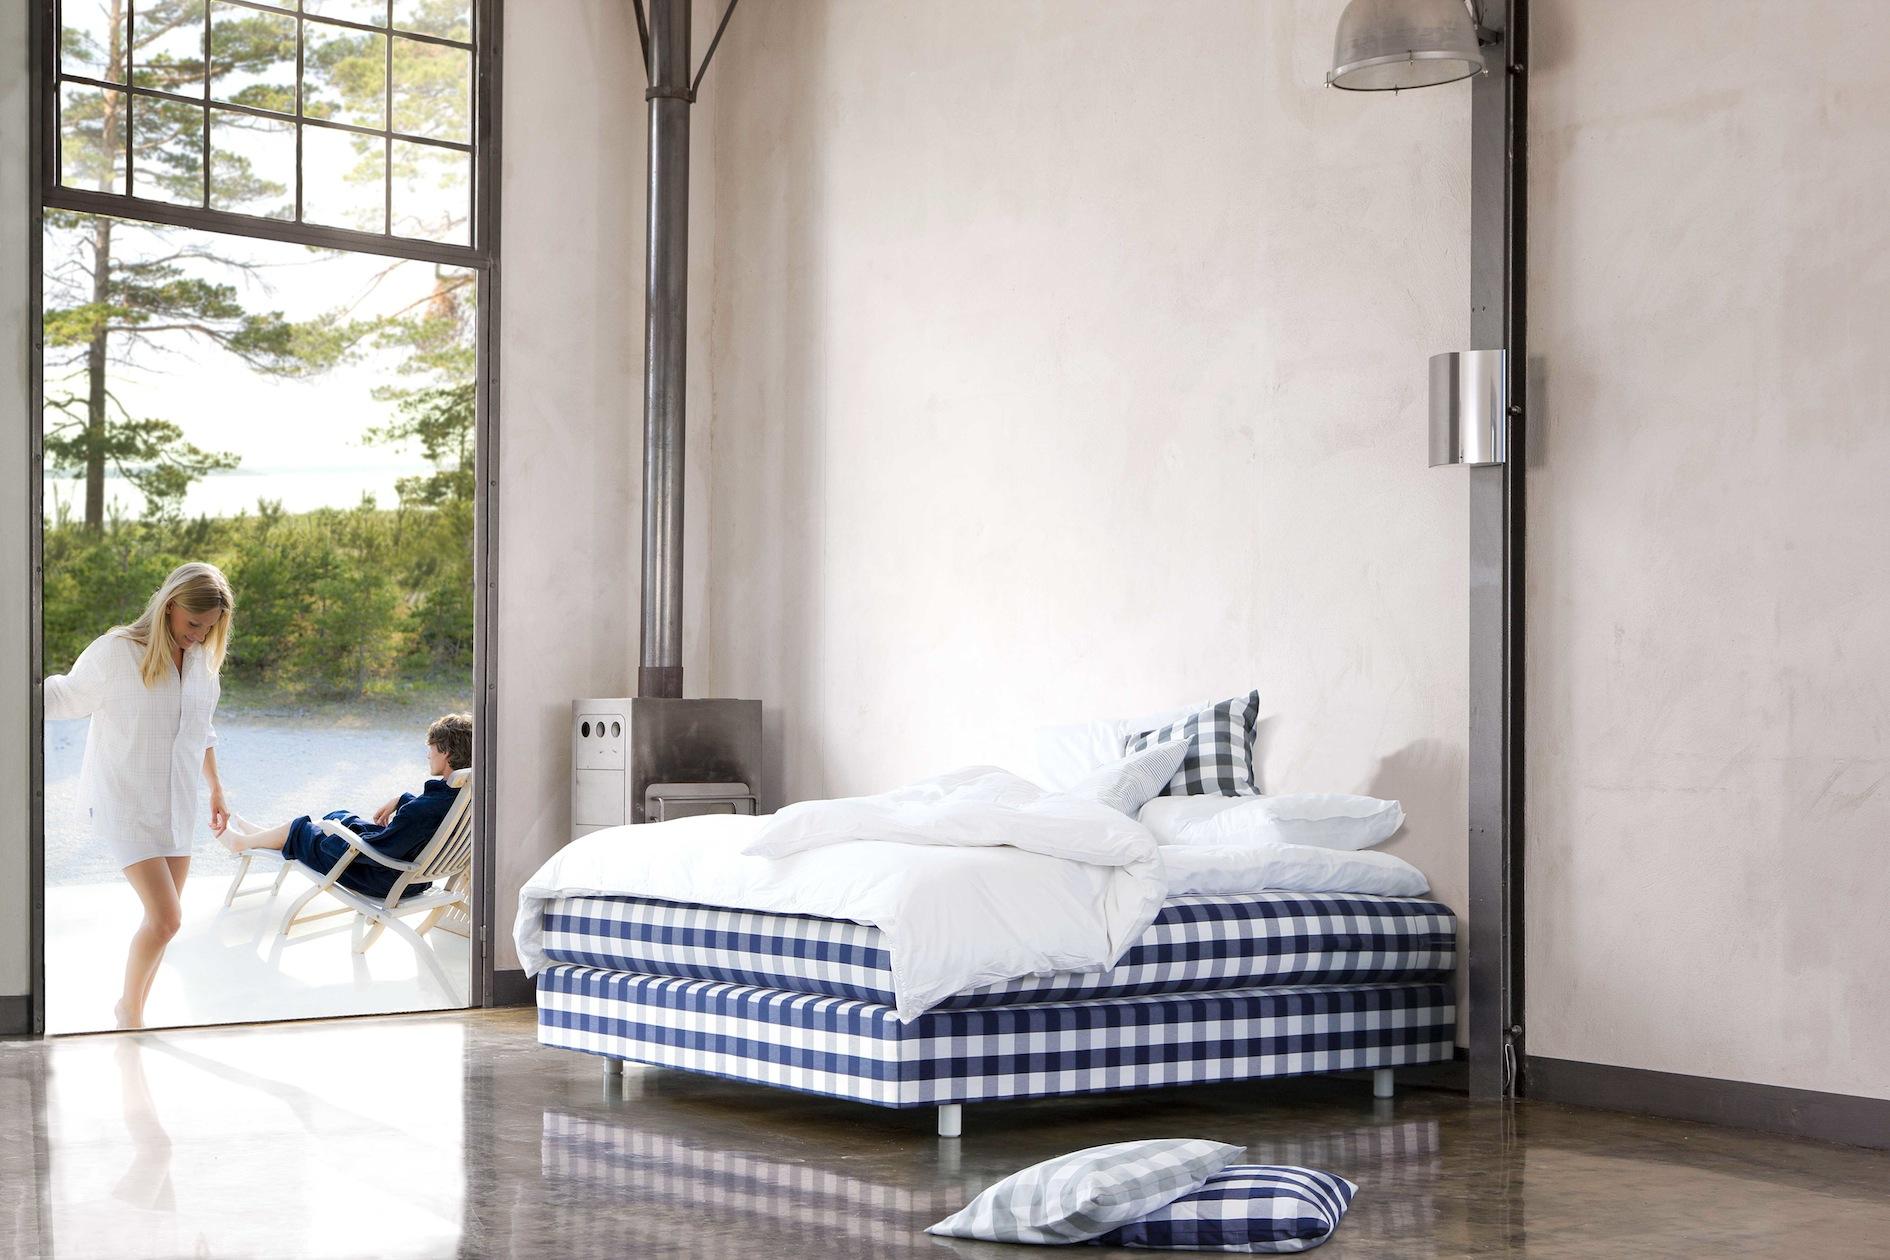 Hästens - Schwedische Betten aus dem Besten der Natur